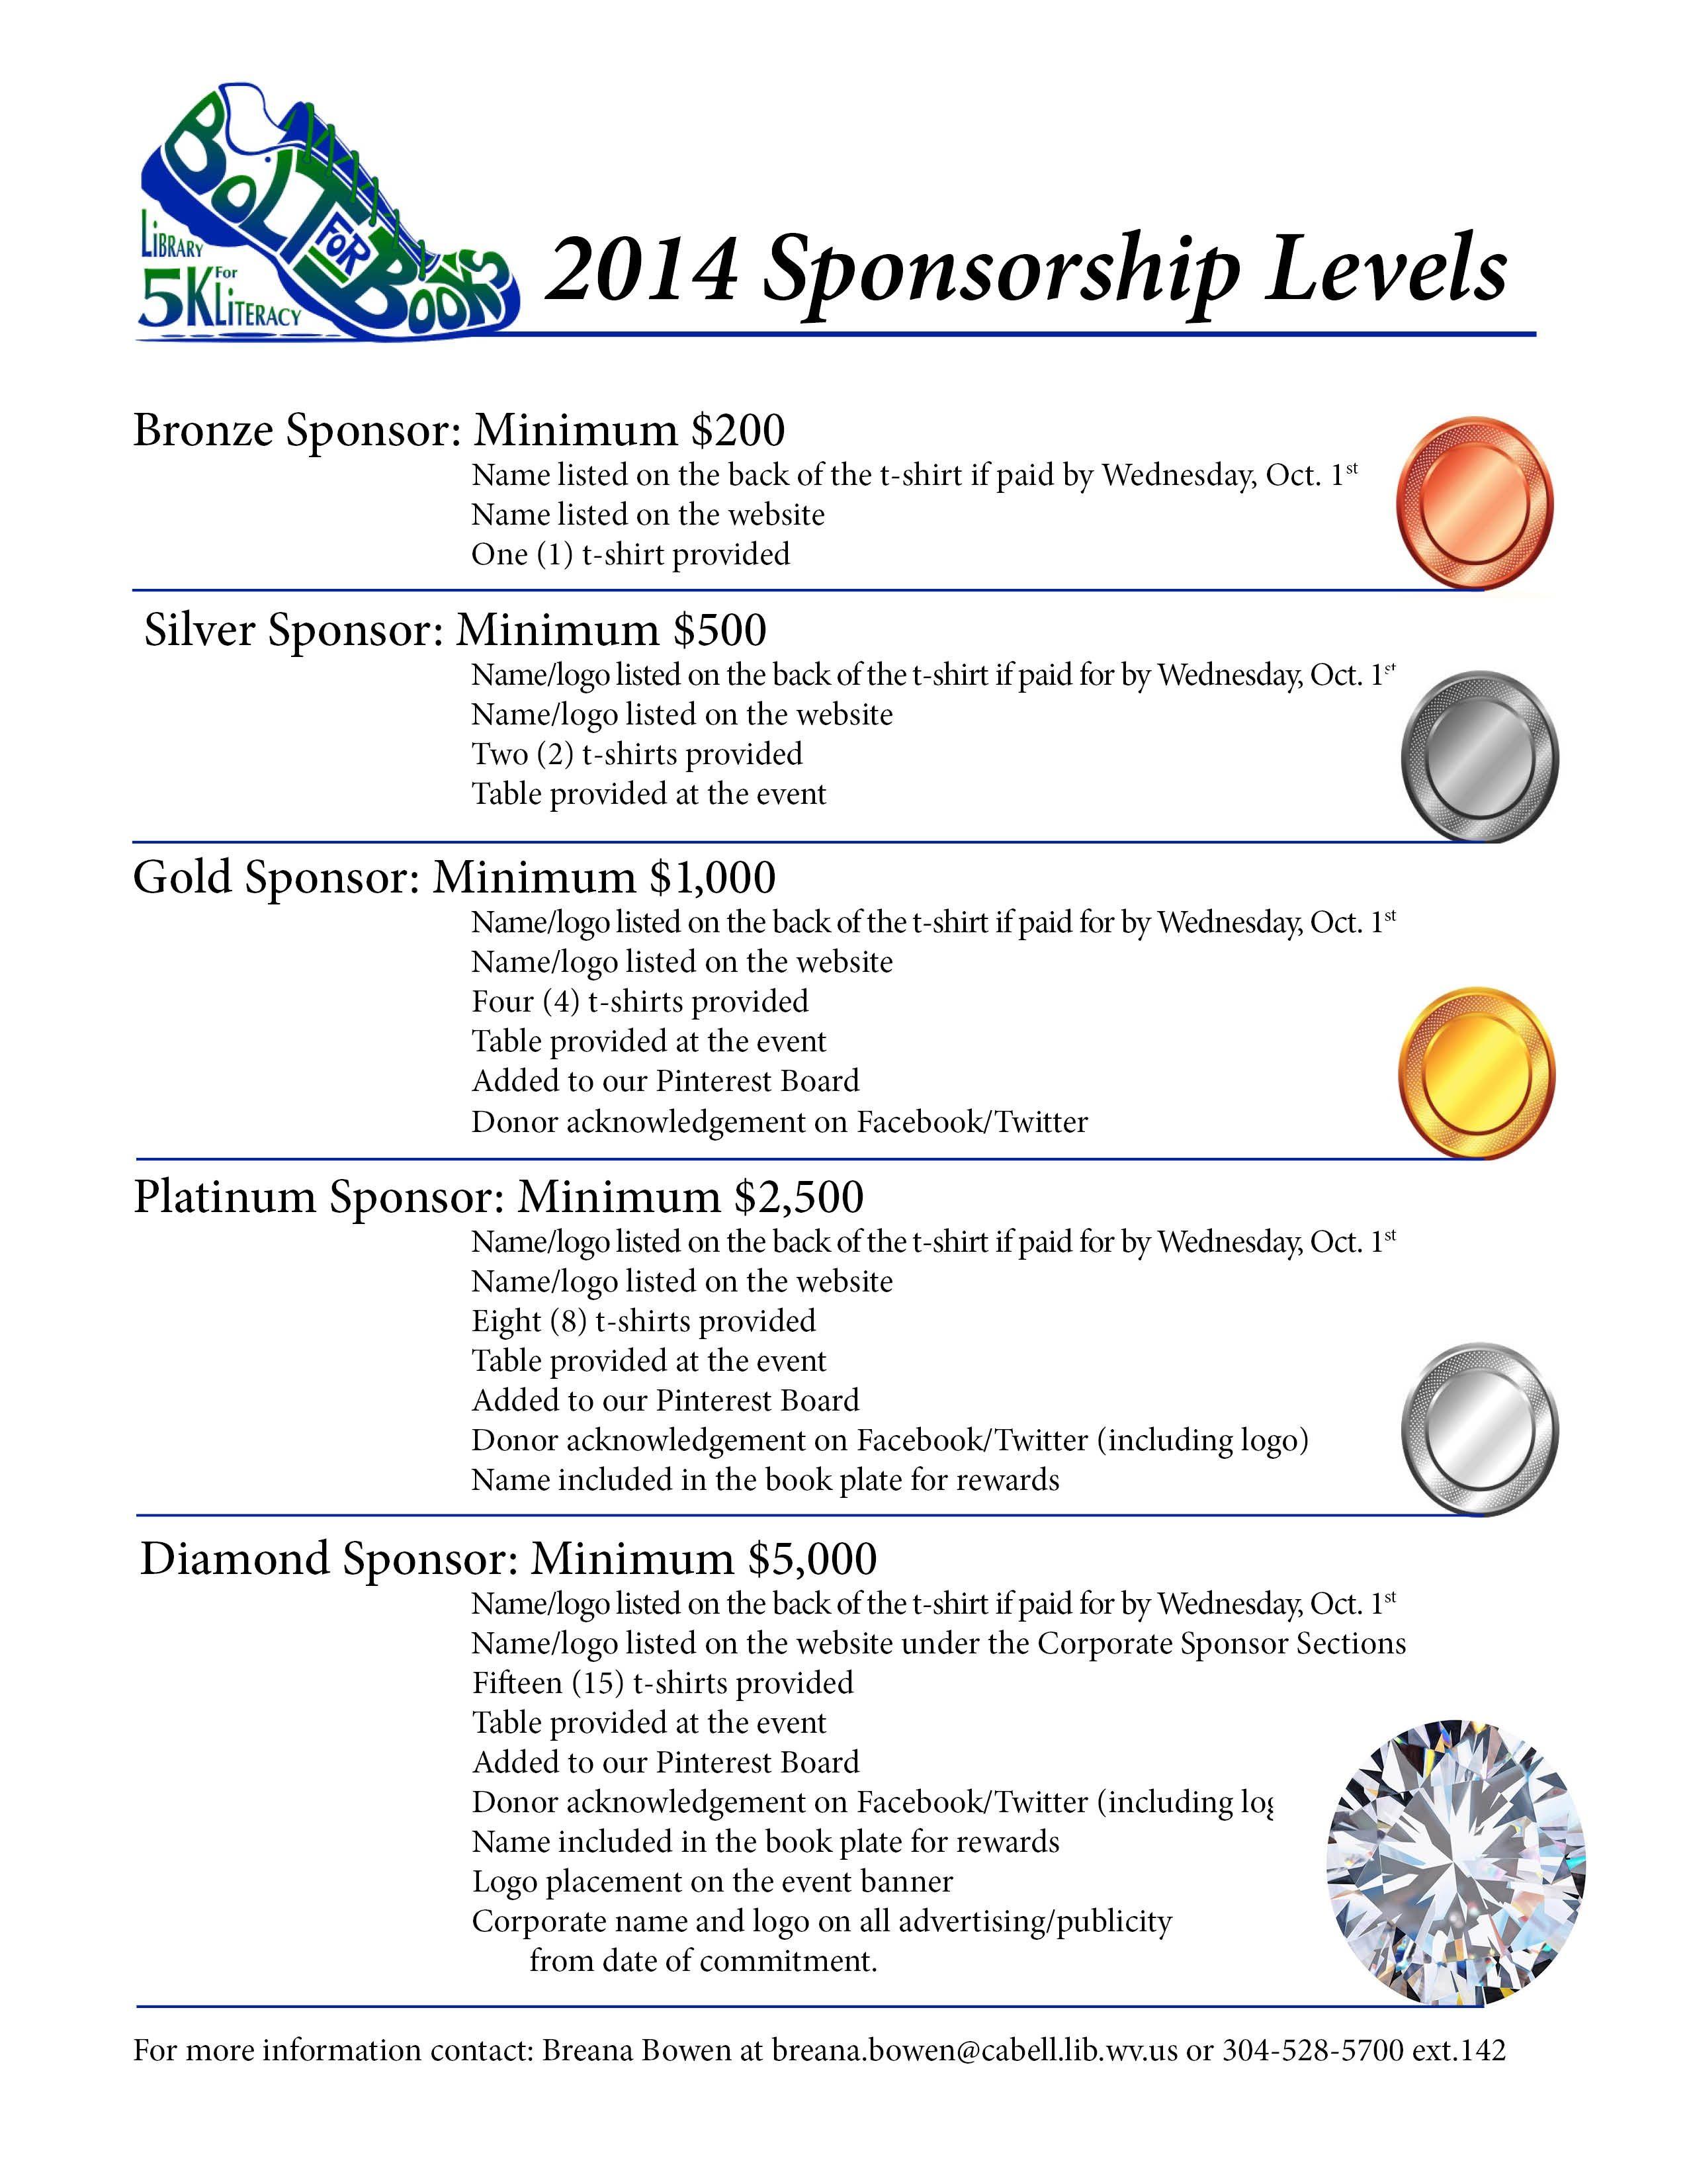 5k Sponsorship Letter Template - Sponsorship Levels